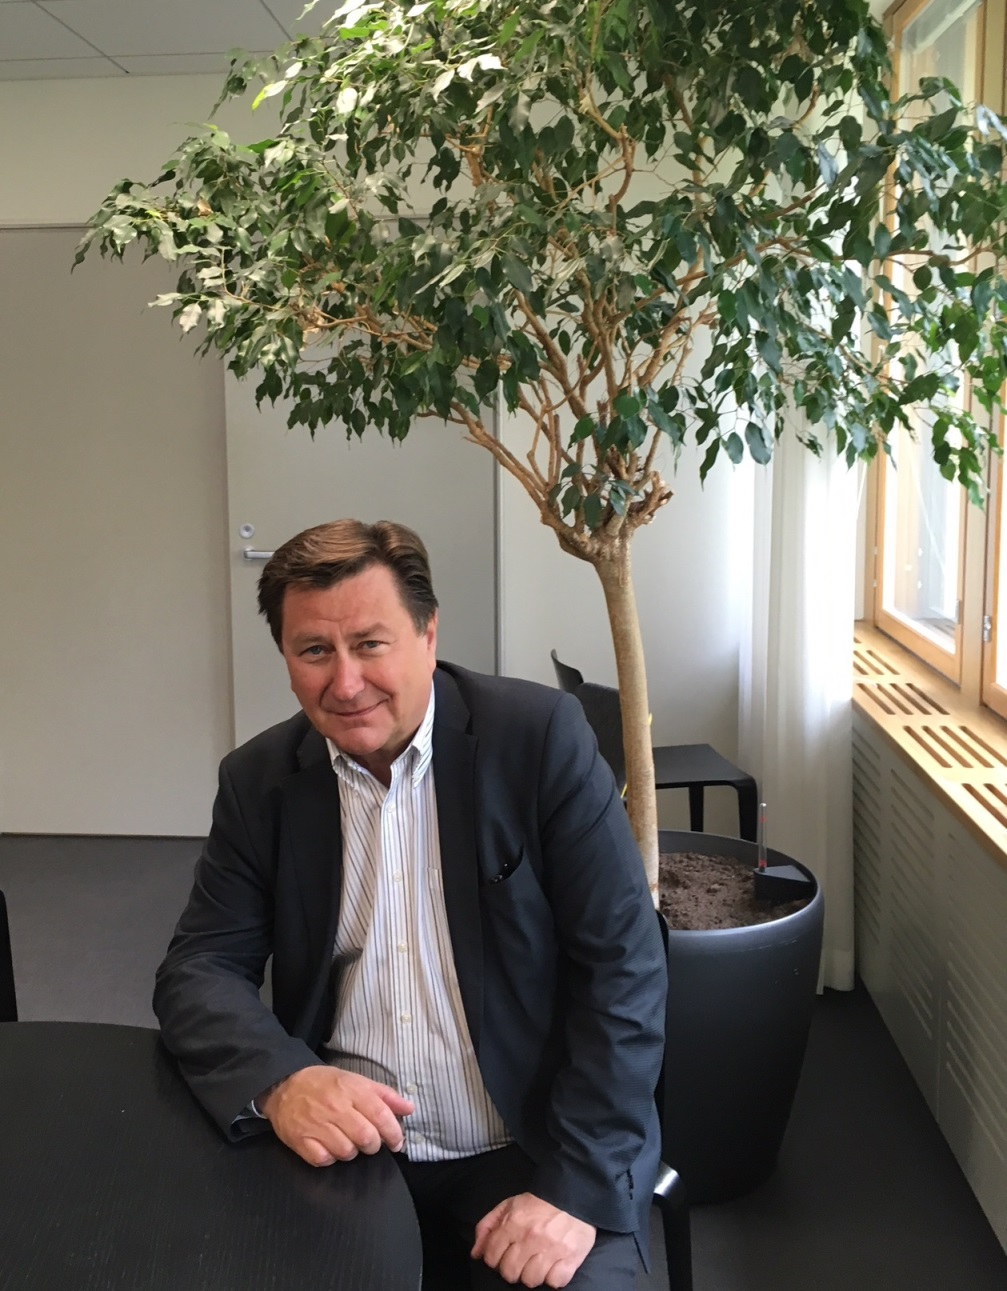 Jukka Pietikäisen toimialueena on Karibia, mutta hänen toimistonsa on Helsingin Kruunuhaassa. Kuva: Juhana Tuunanen